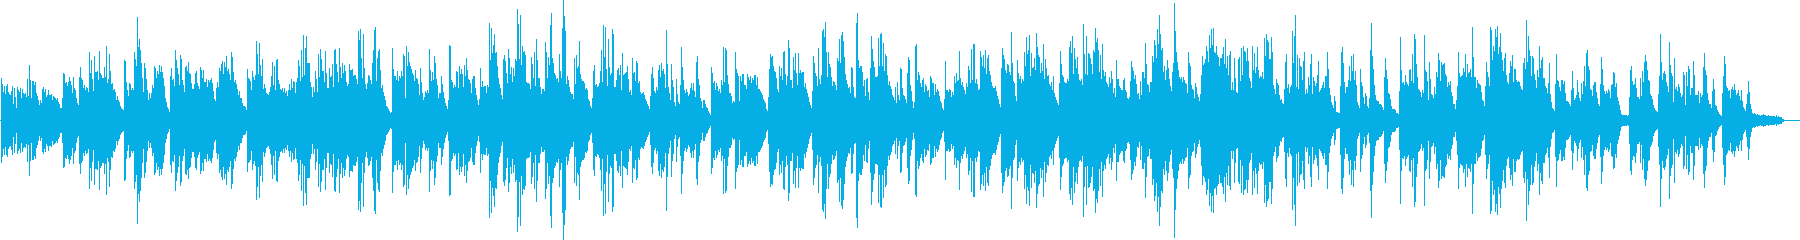 少し希望ある印象のソロピアノバラードですの再生済みの波形